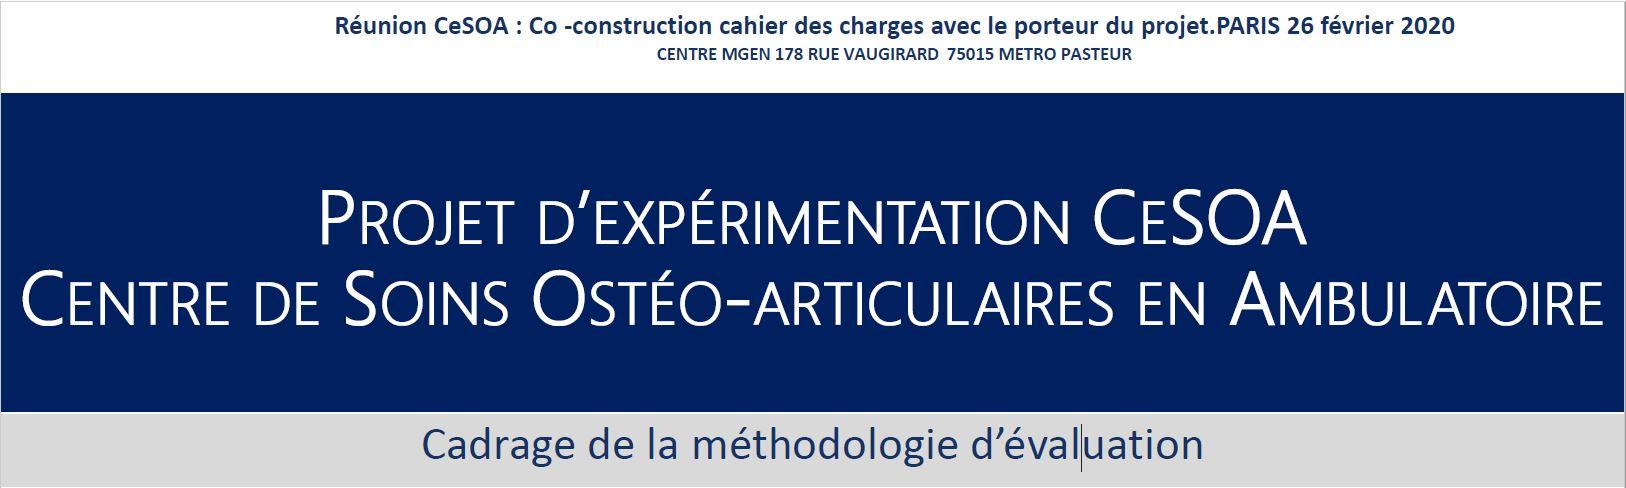 Evaluation de l'article 51 : méthodologie d'évaluation CeSOA